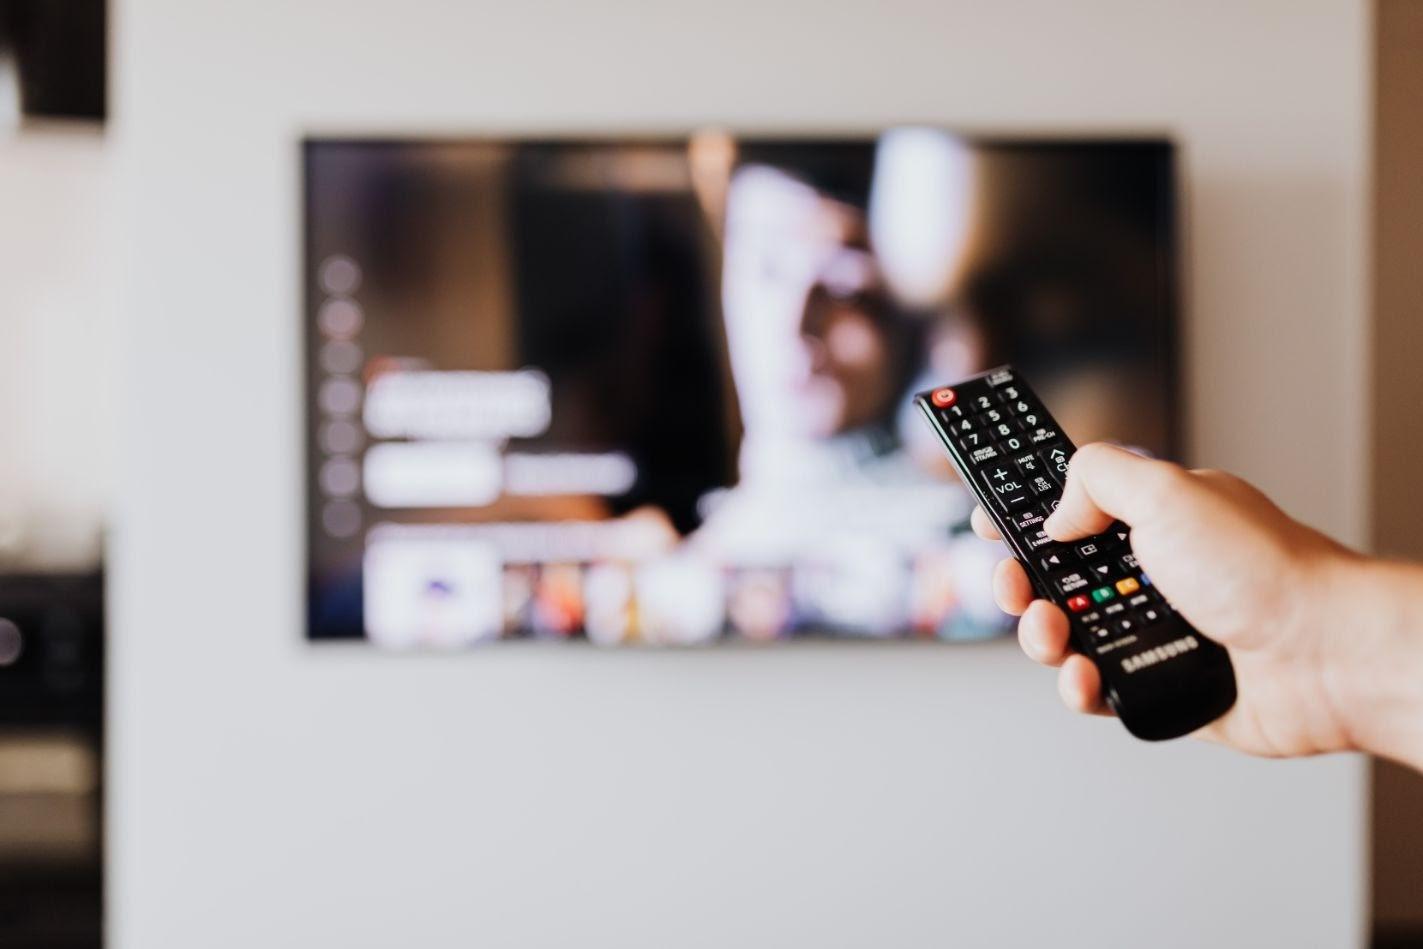 Kā izvēlēties televizoru pareizi: īsais pircēju ceļvedis